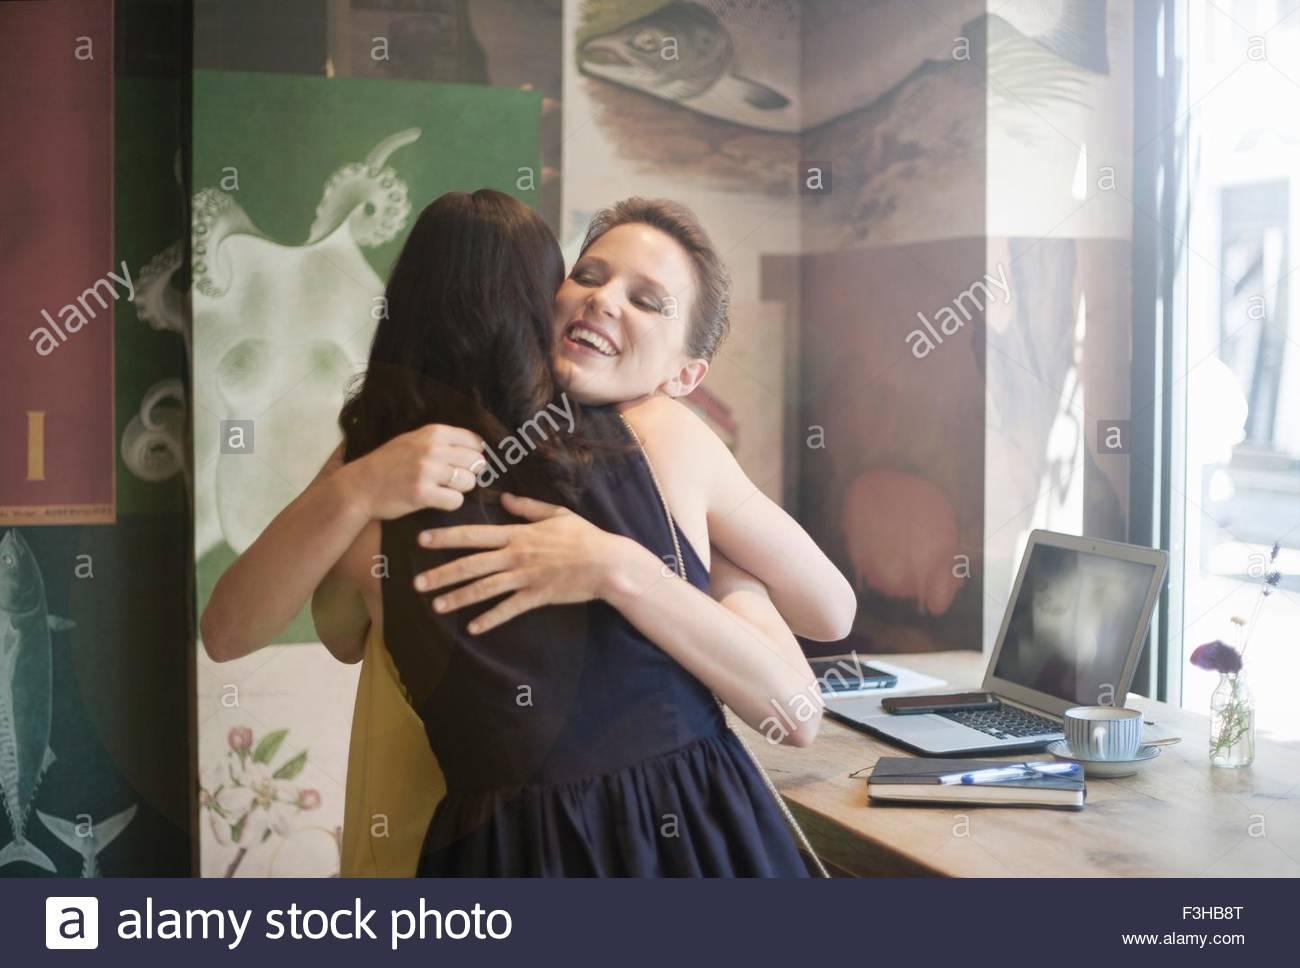 Deux jeunes femmes brunette sitting in a cafe greating les uns les autres avec une accolade Photo Stock